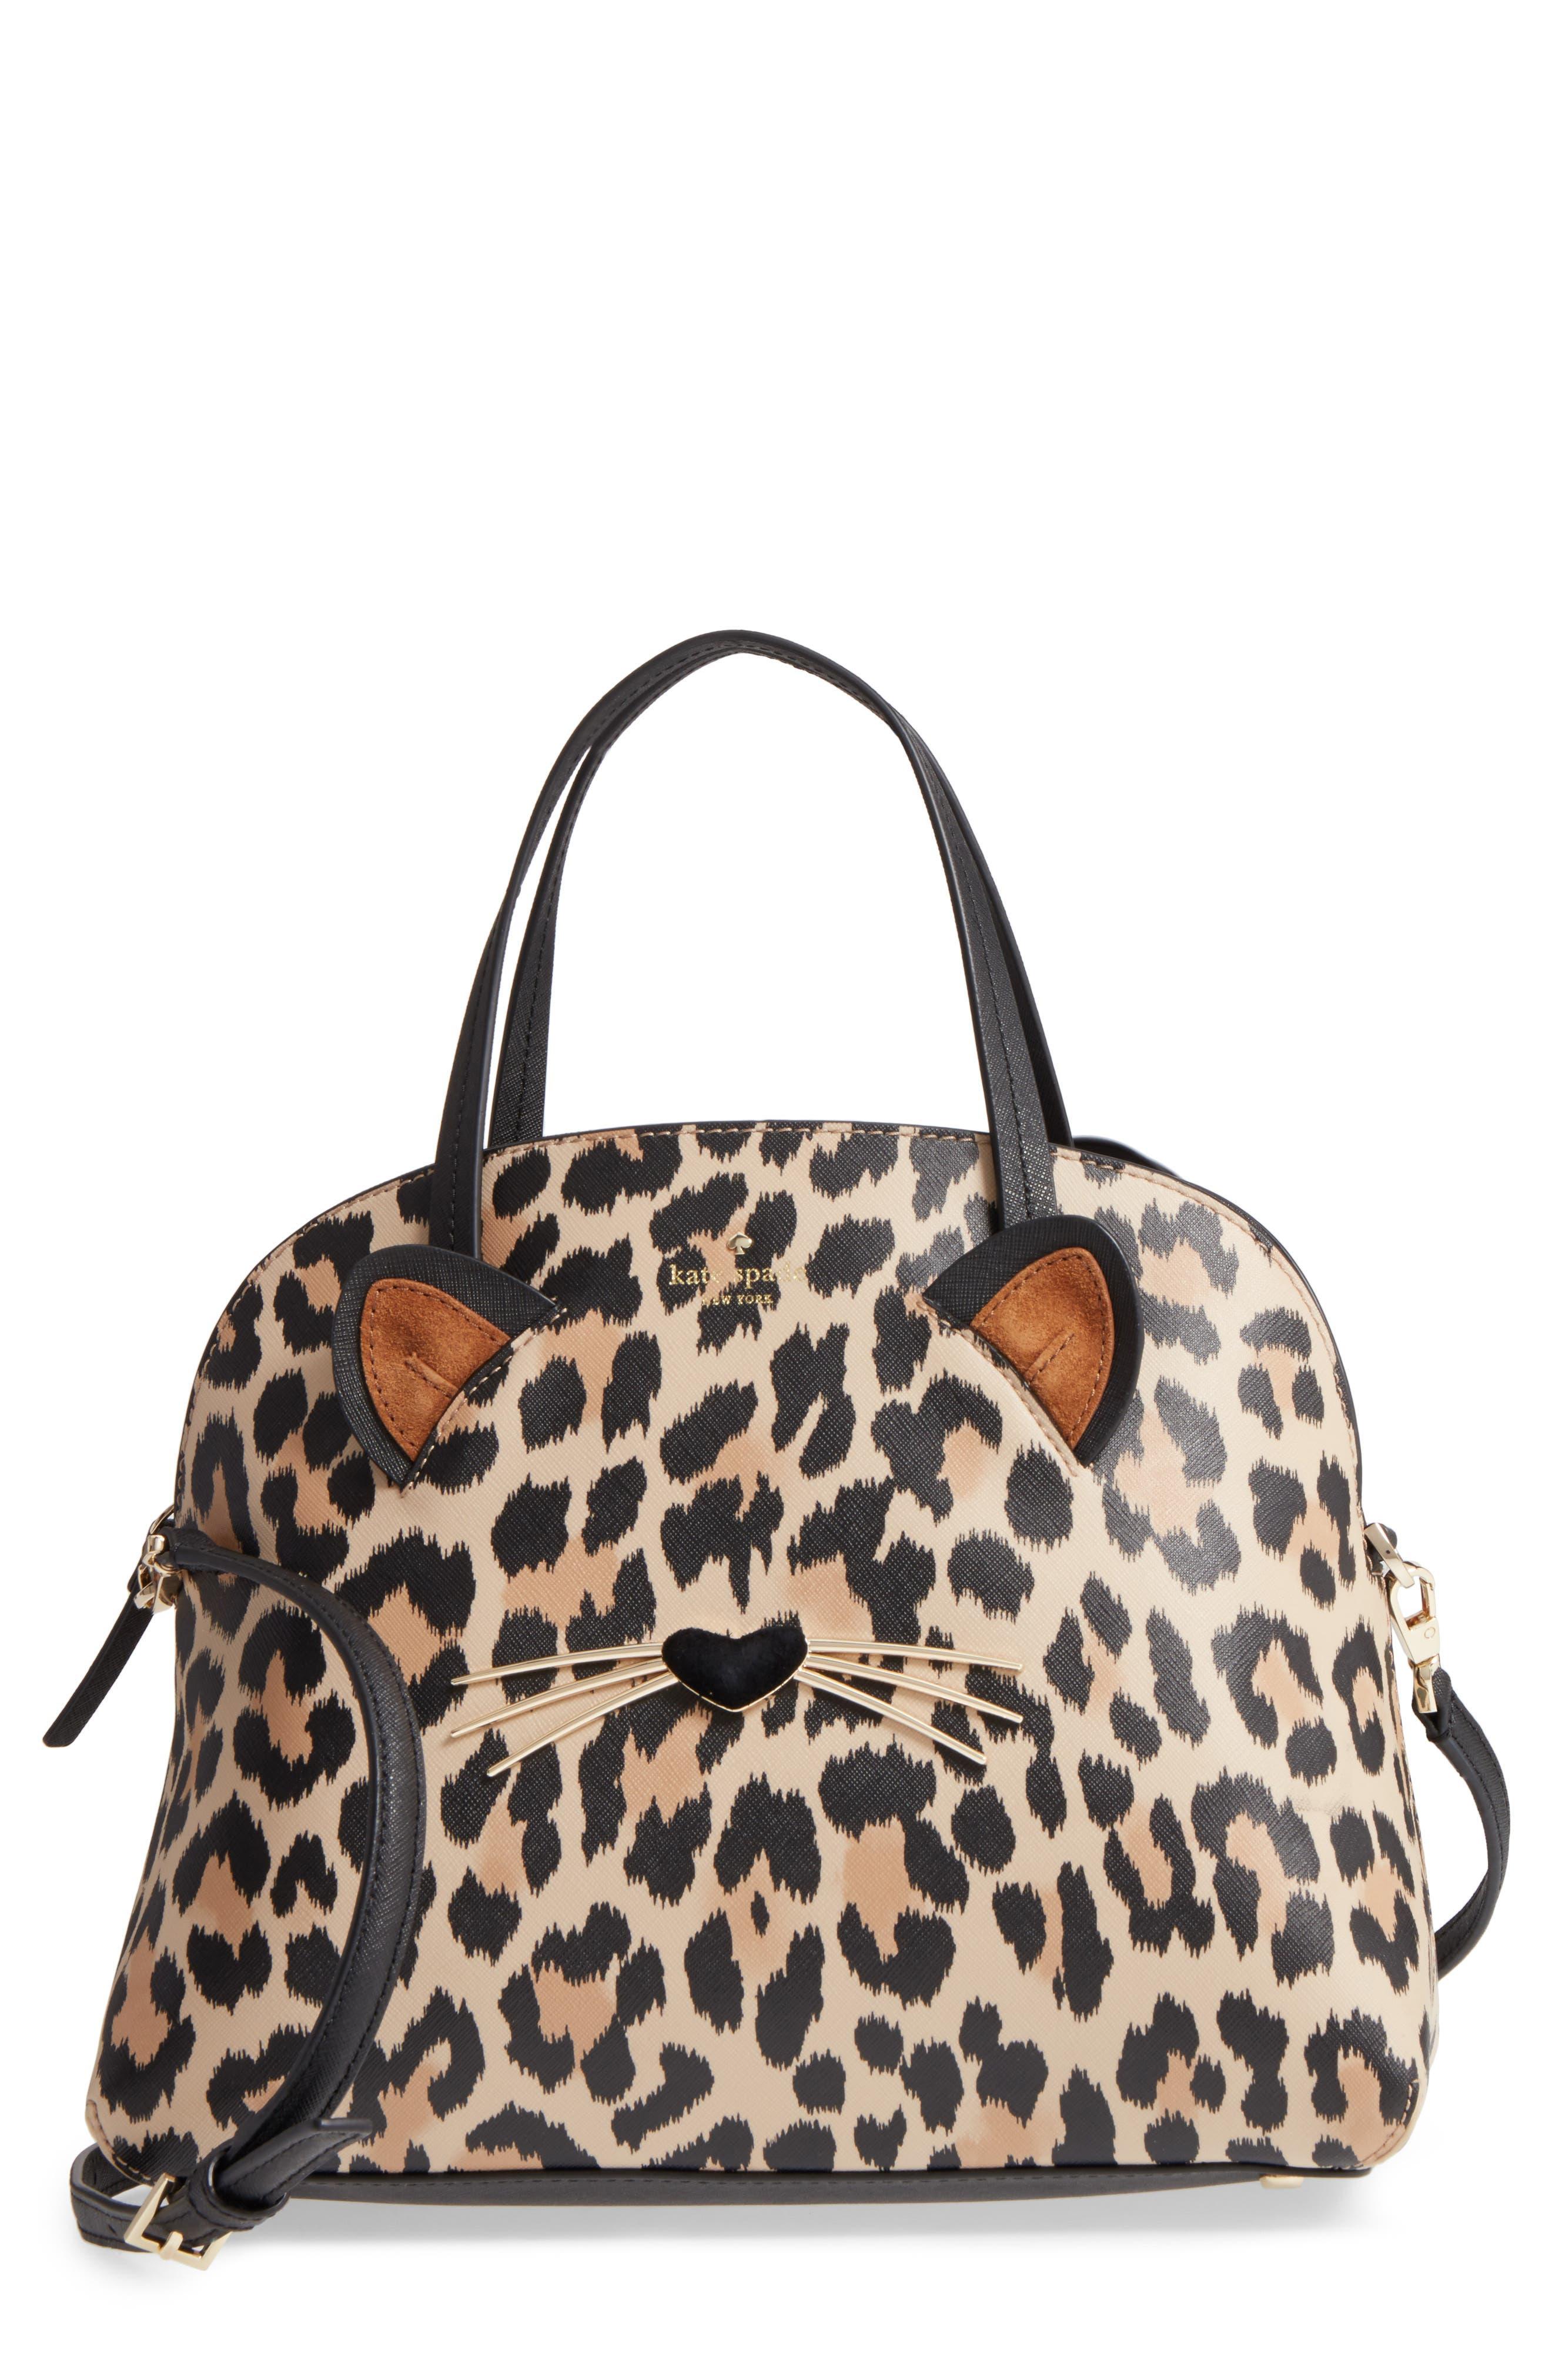 run wild - lottie satchel,                         Main,                         color, Multi